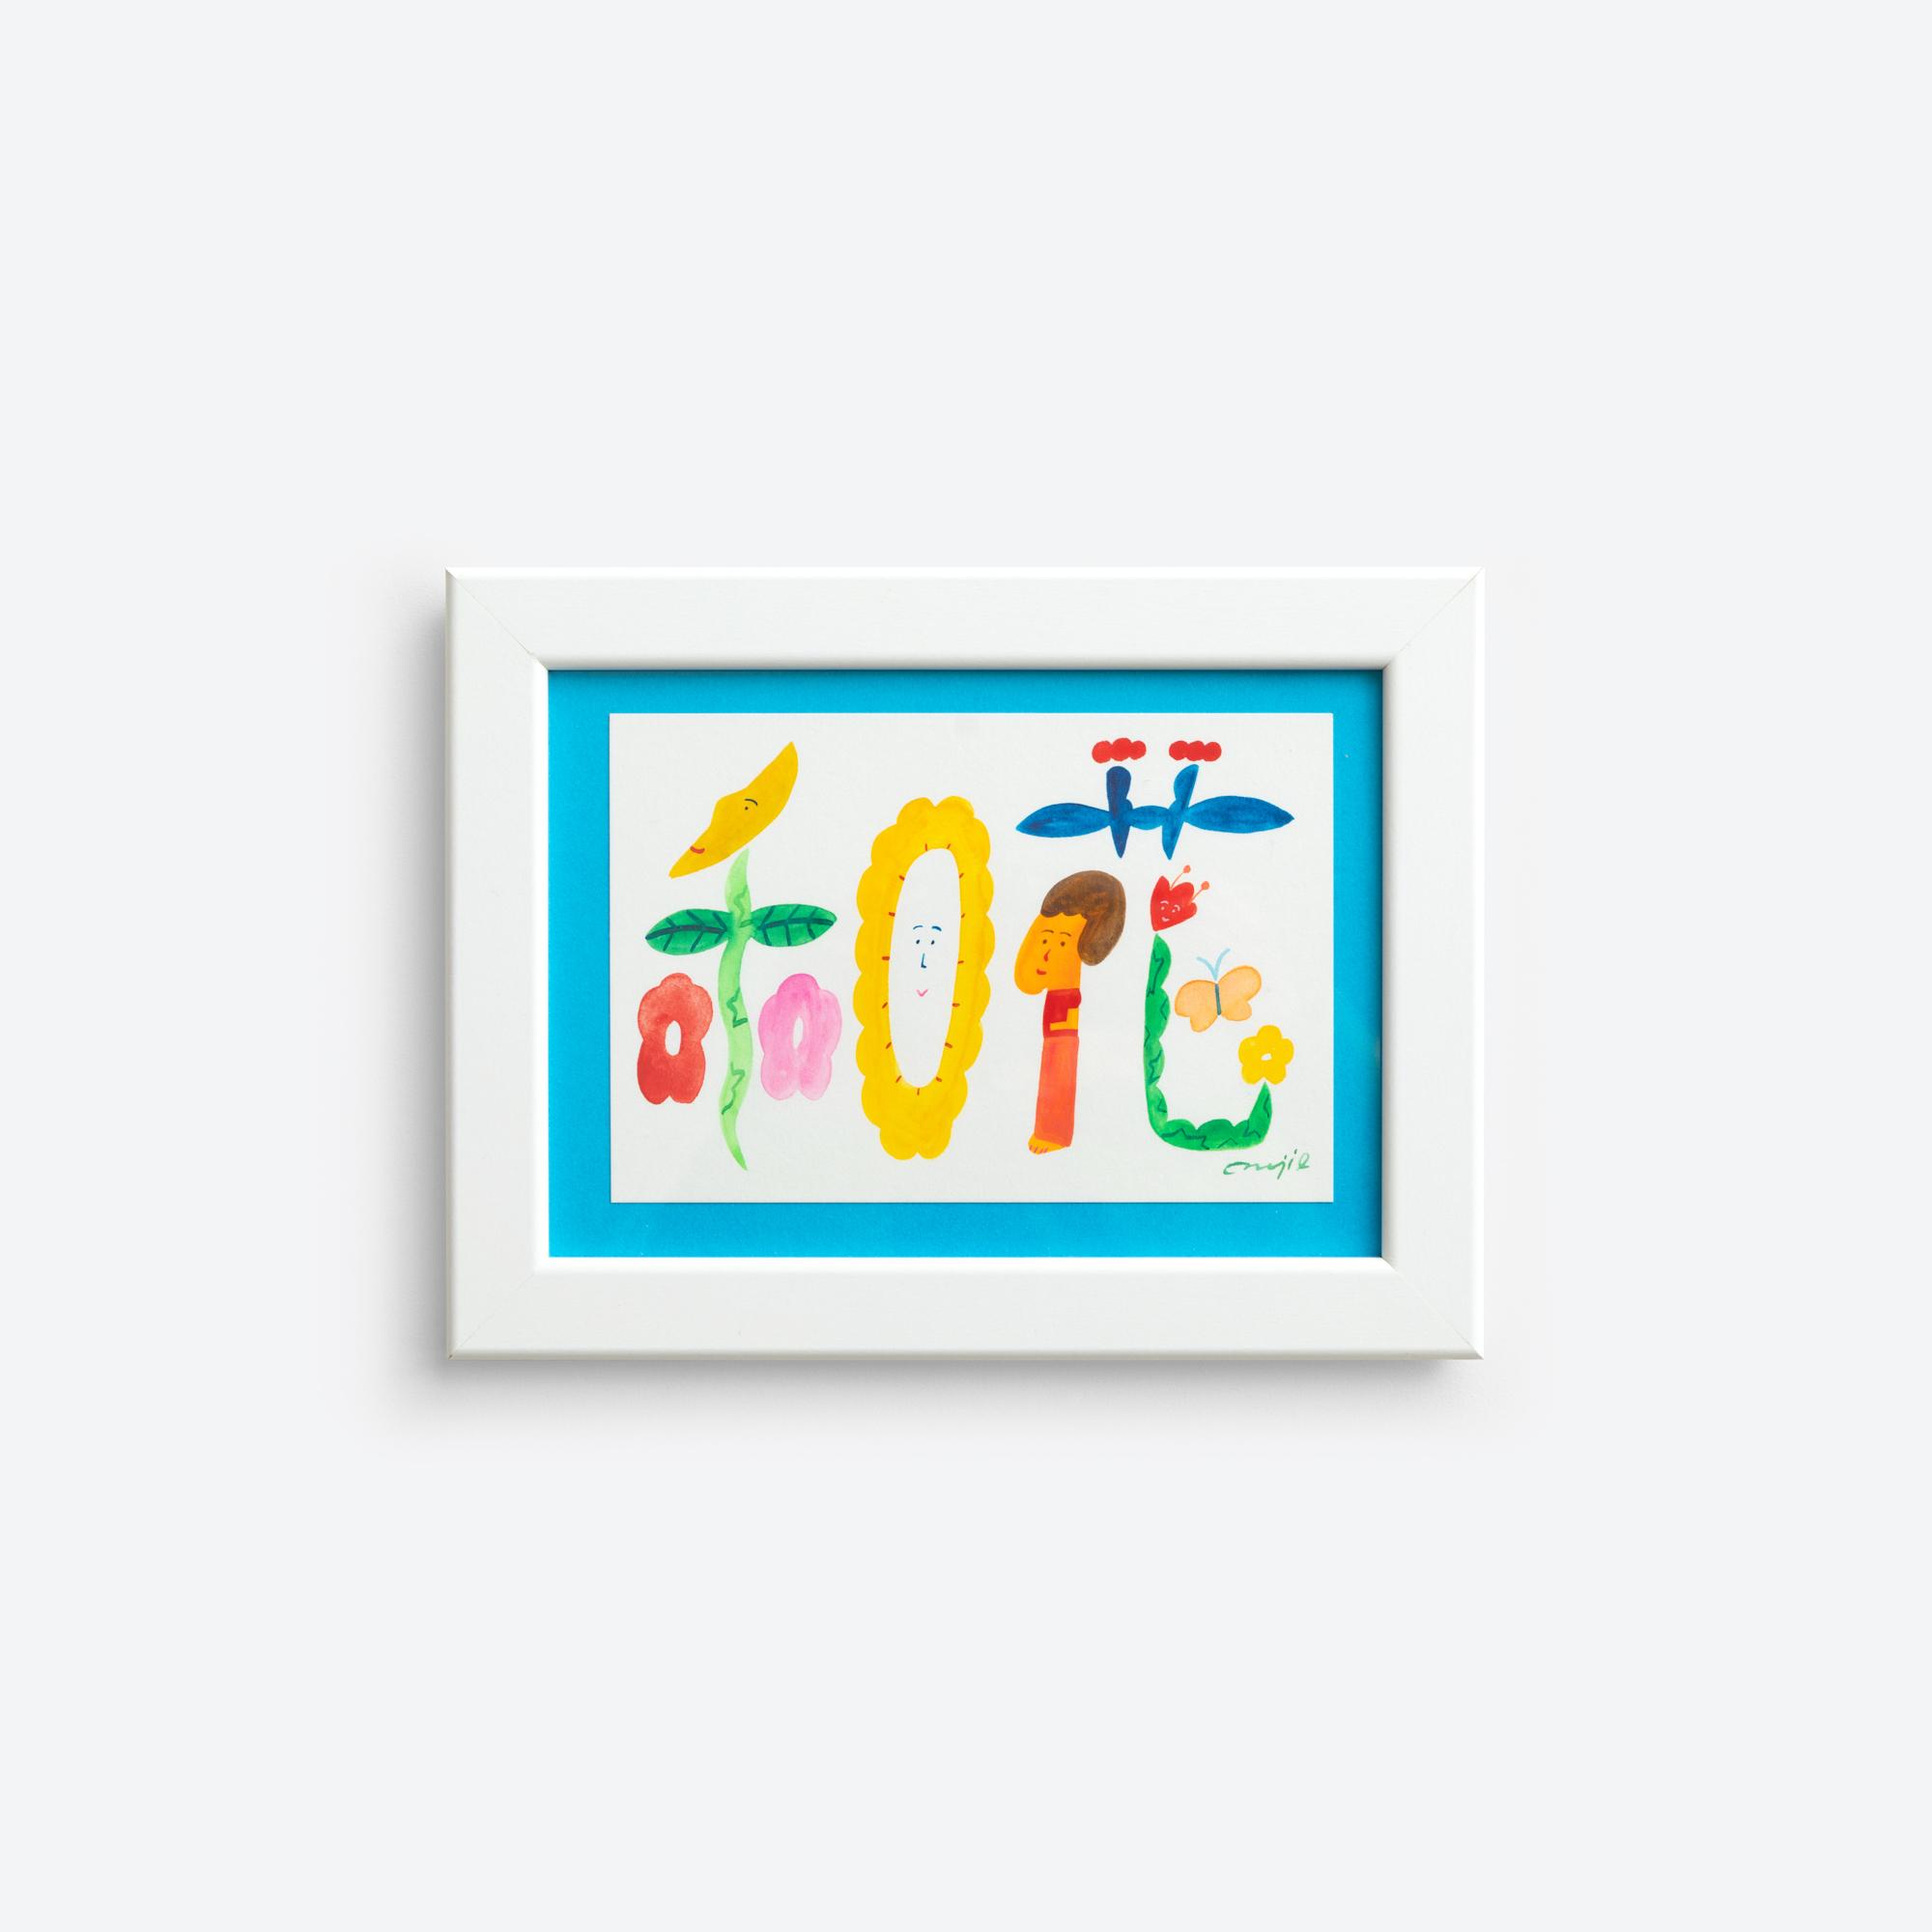 オーダーメイドネームアート ハガキサイズ /  ホワイト額